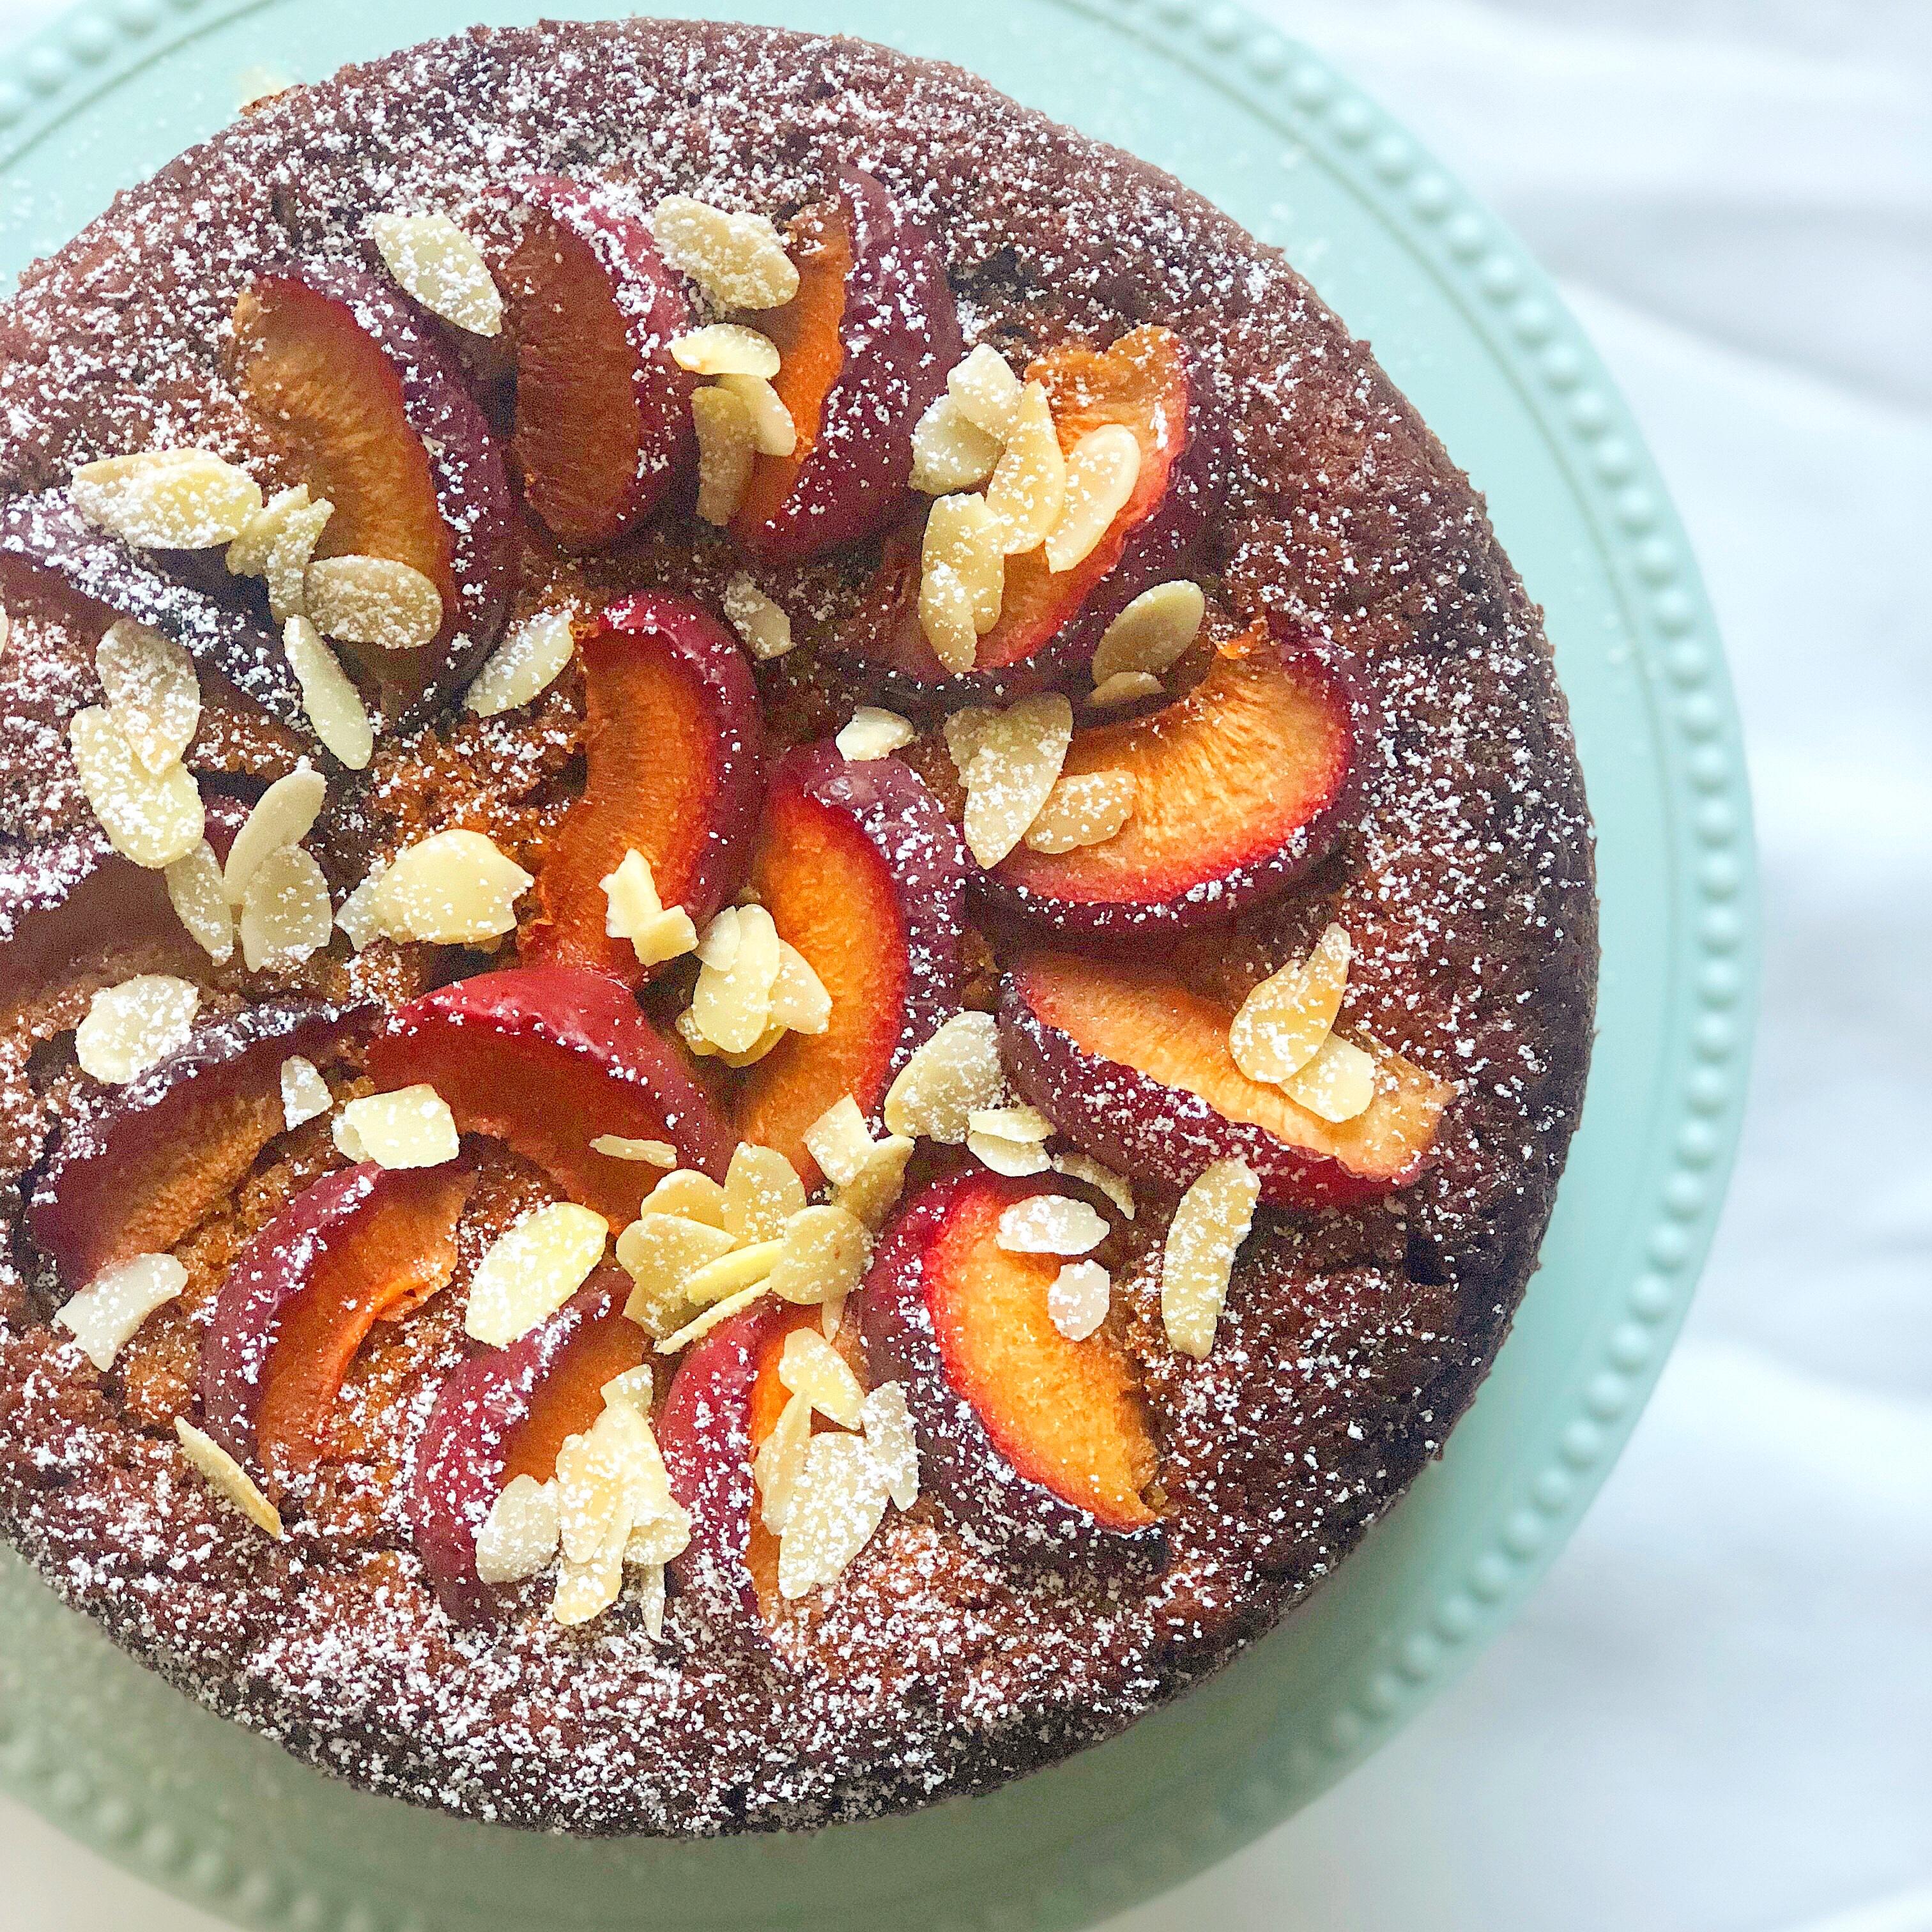 Torta di Susine Senza Burro, un dolce semplice ma molto goloso di dolci senza burro